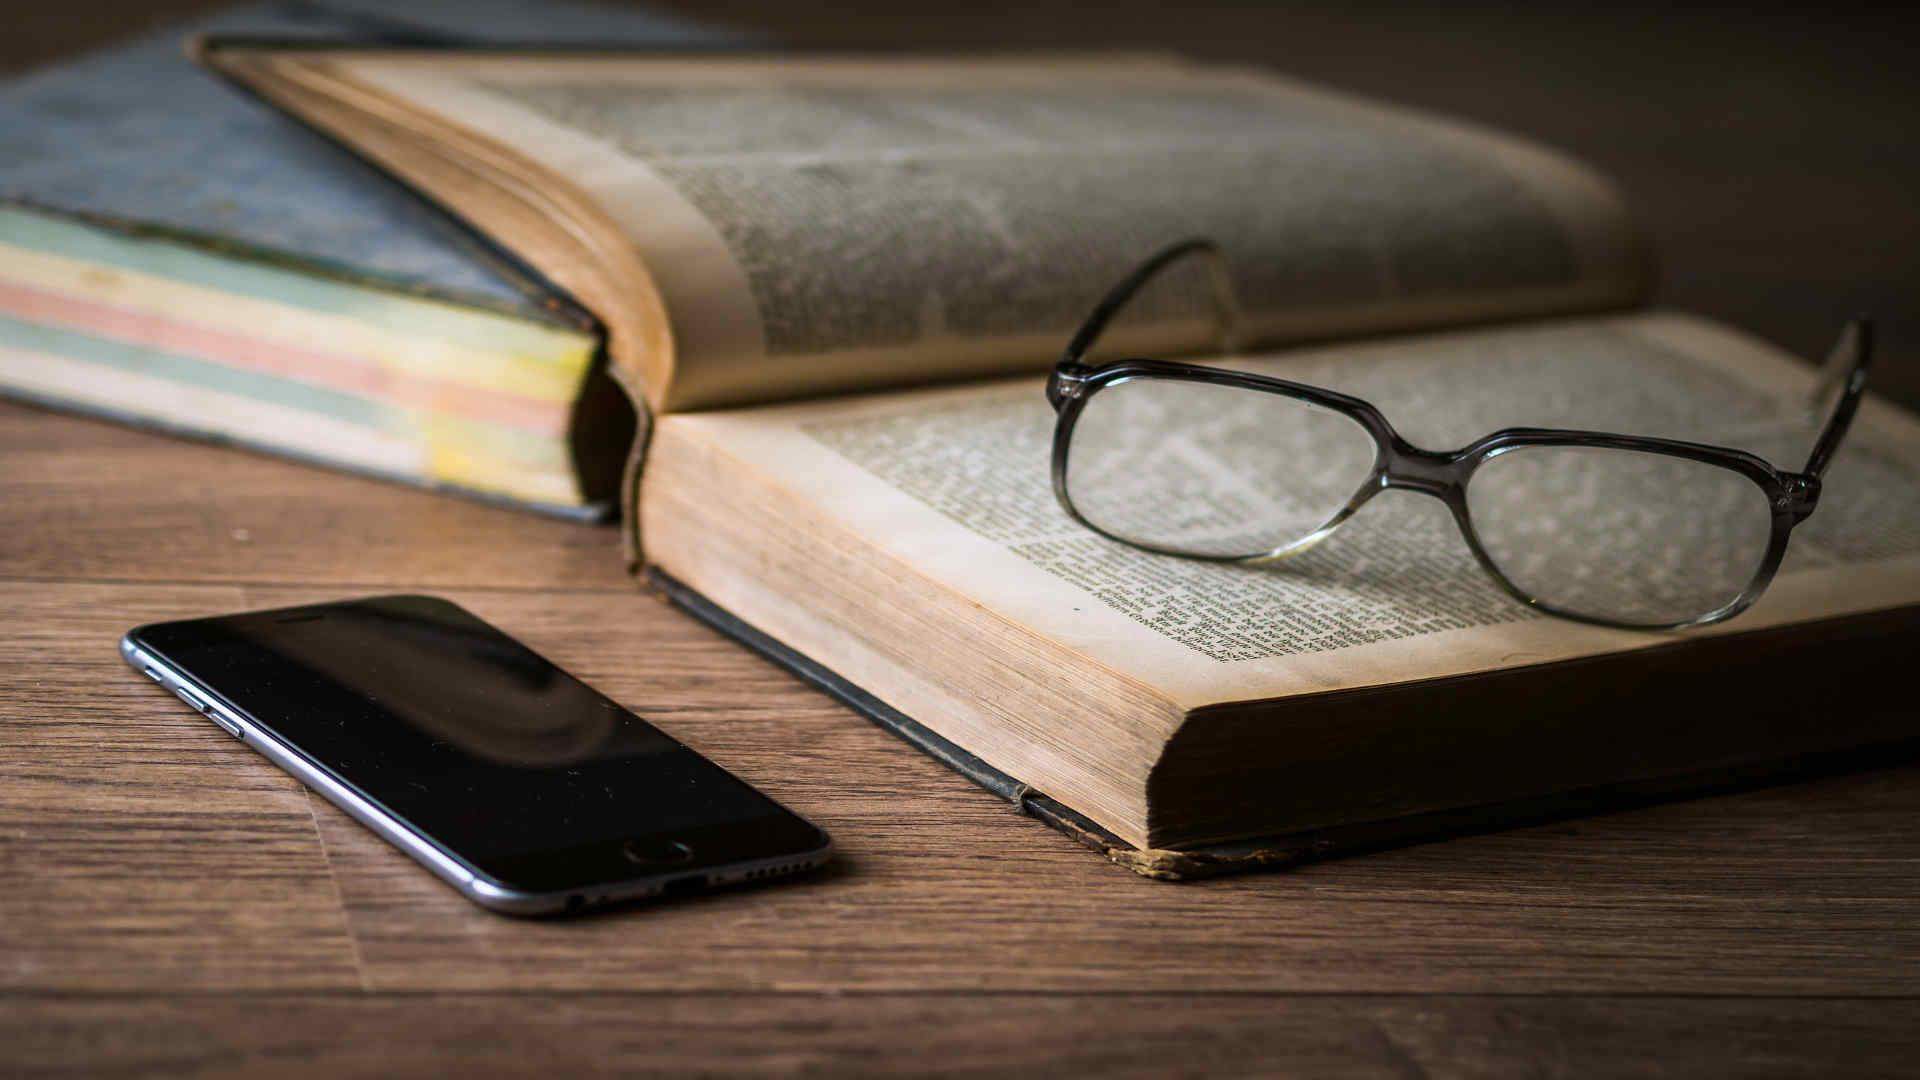 Books, Proceedings, etc. | Knowledge Management education & training worldwide